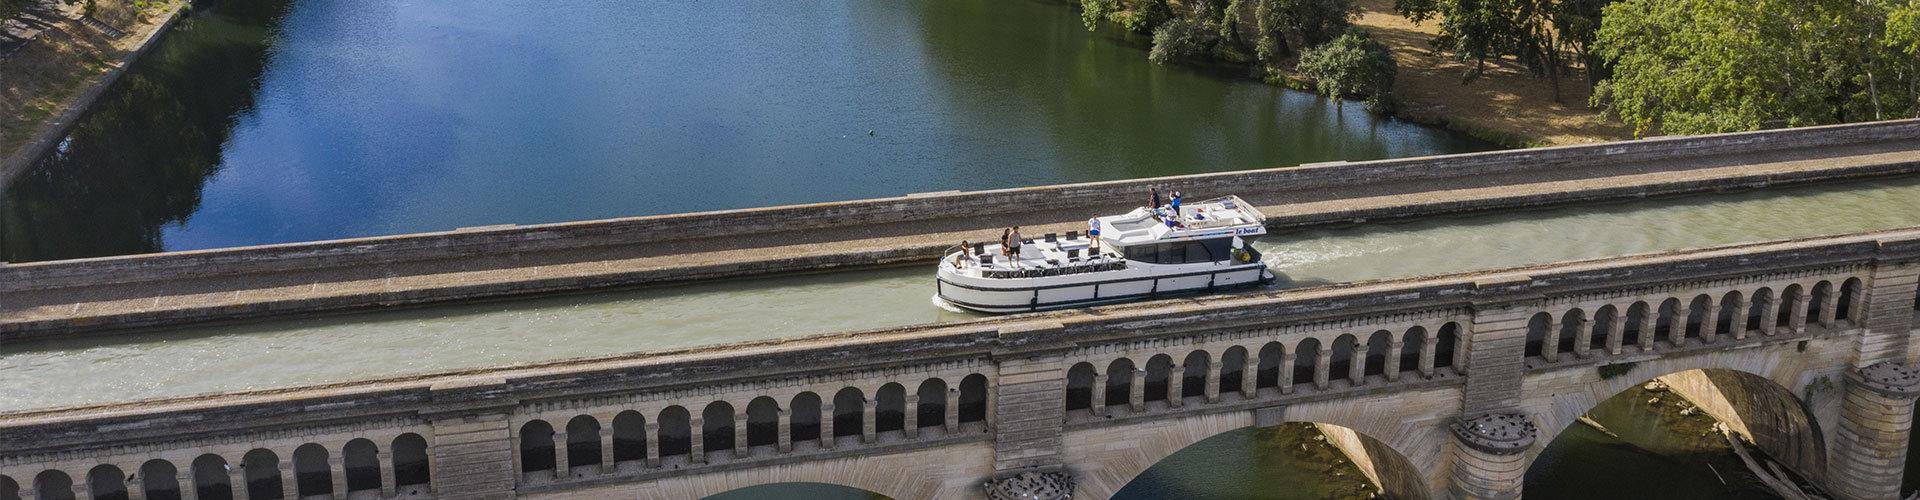 Alquiler de barcos Le Boat